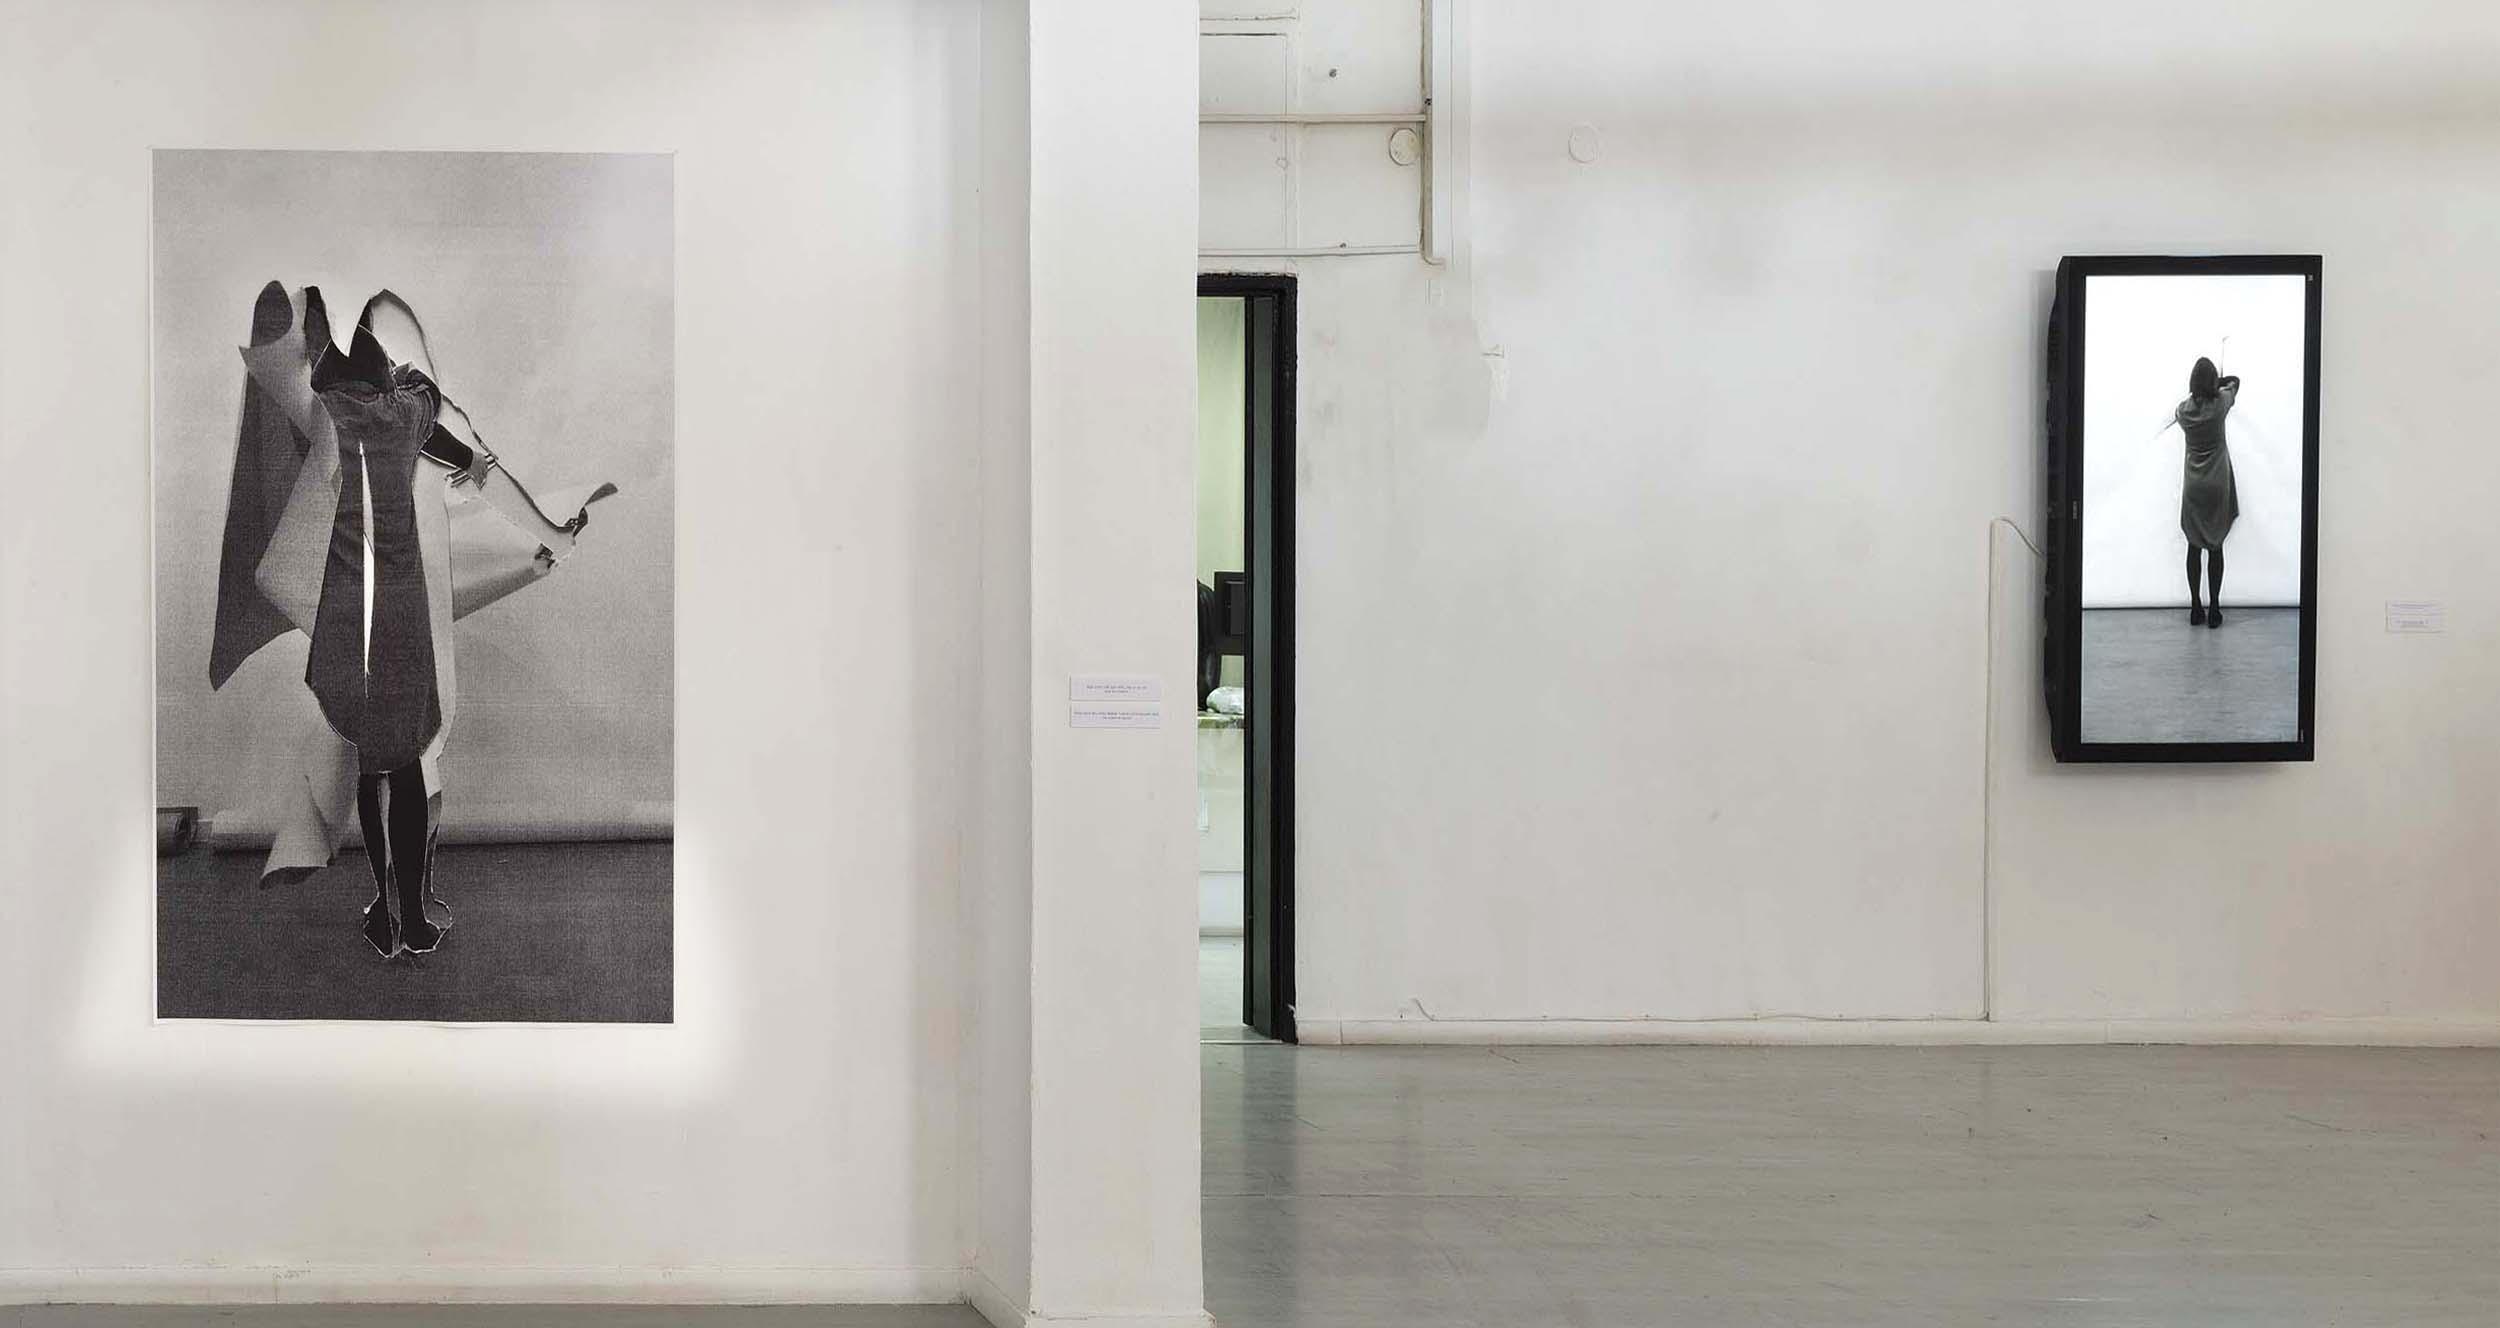 zusammen.project_minshar gallery ex view 5_ foto credit_avi chai